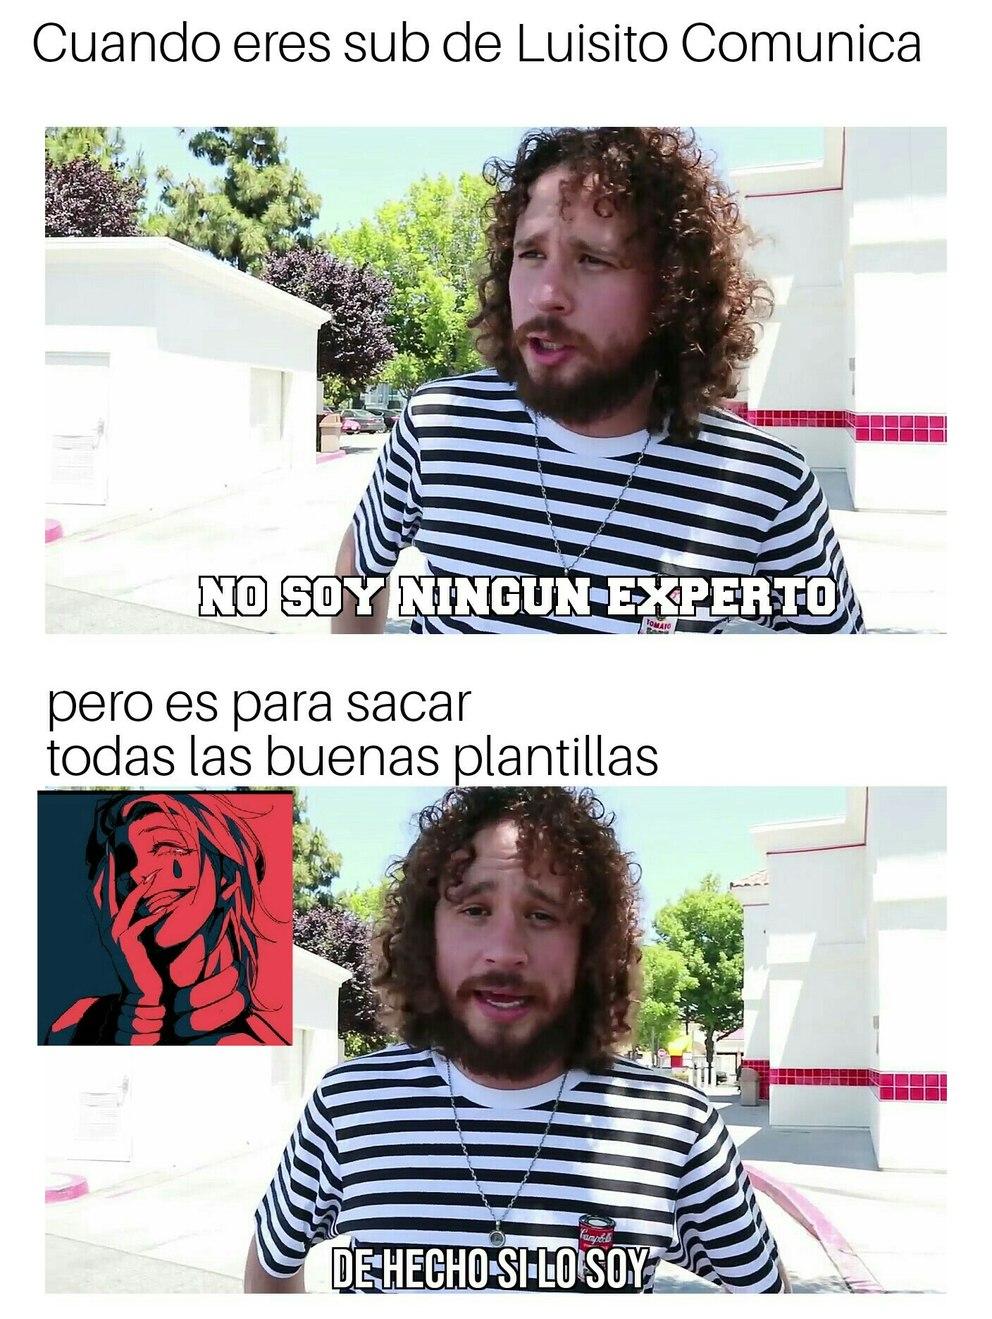 Nueva plantilla de Luisito - meme